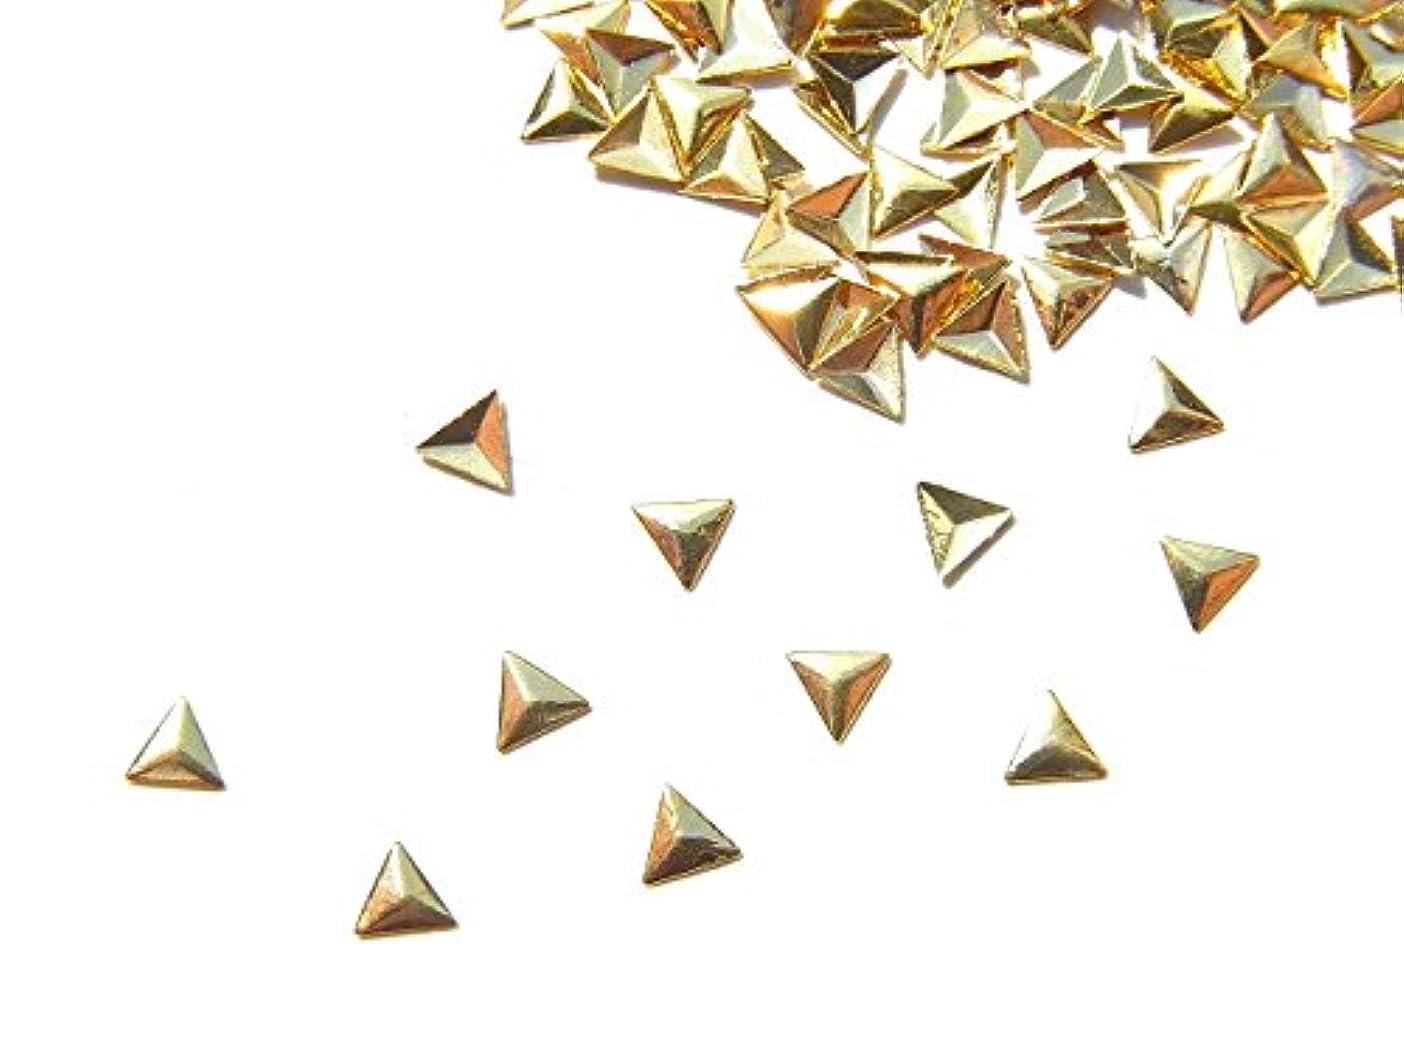 ドキドキ傾く郵便局【jewel】mp14 ゴールド メタルパーツ 三角型 トライアングル 10個入り ネイルアートパーツ レジンパーツ